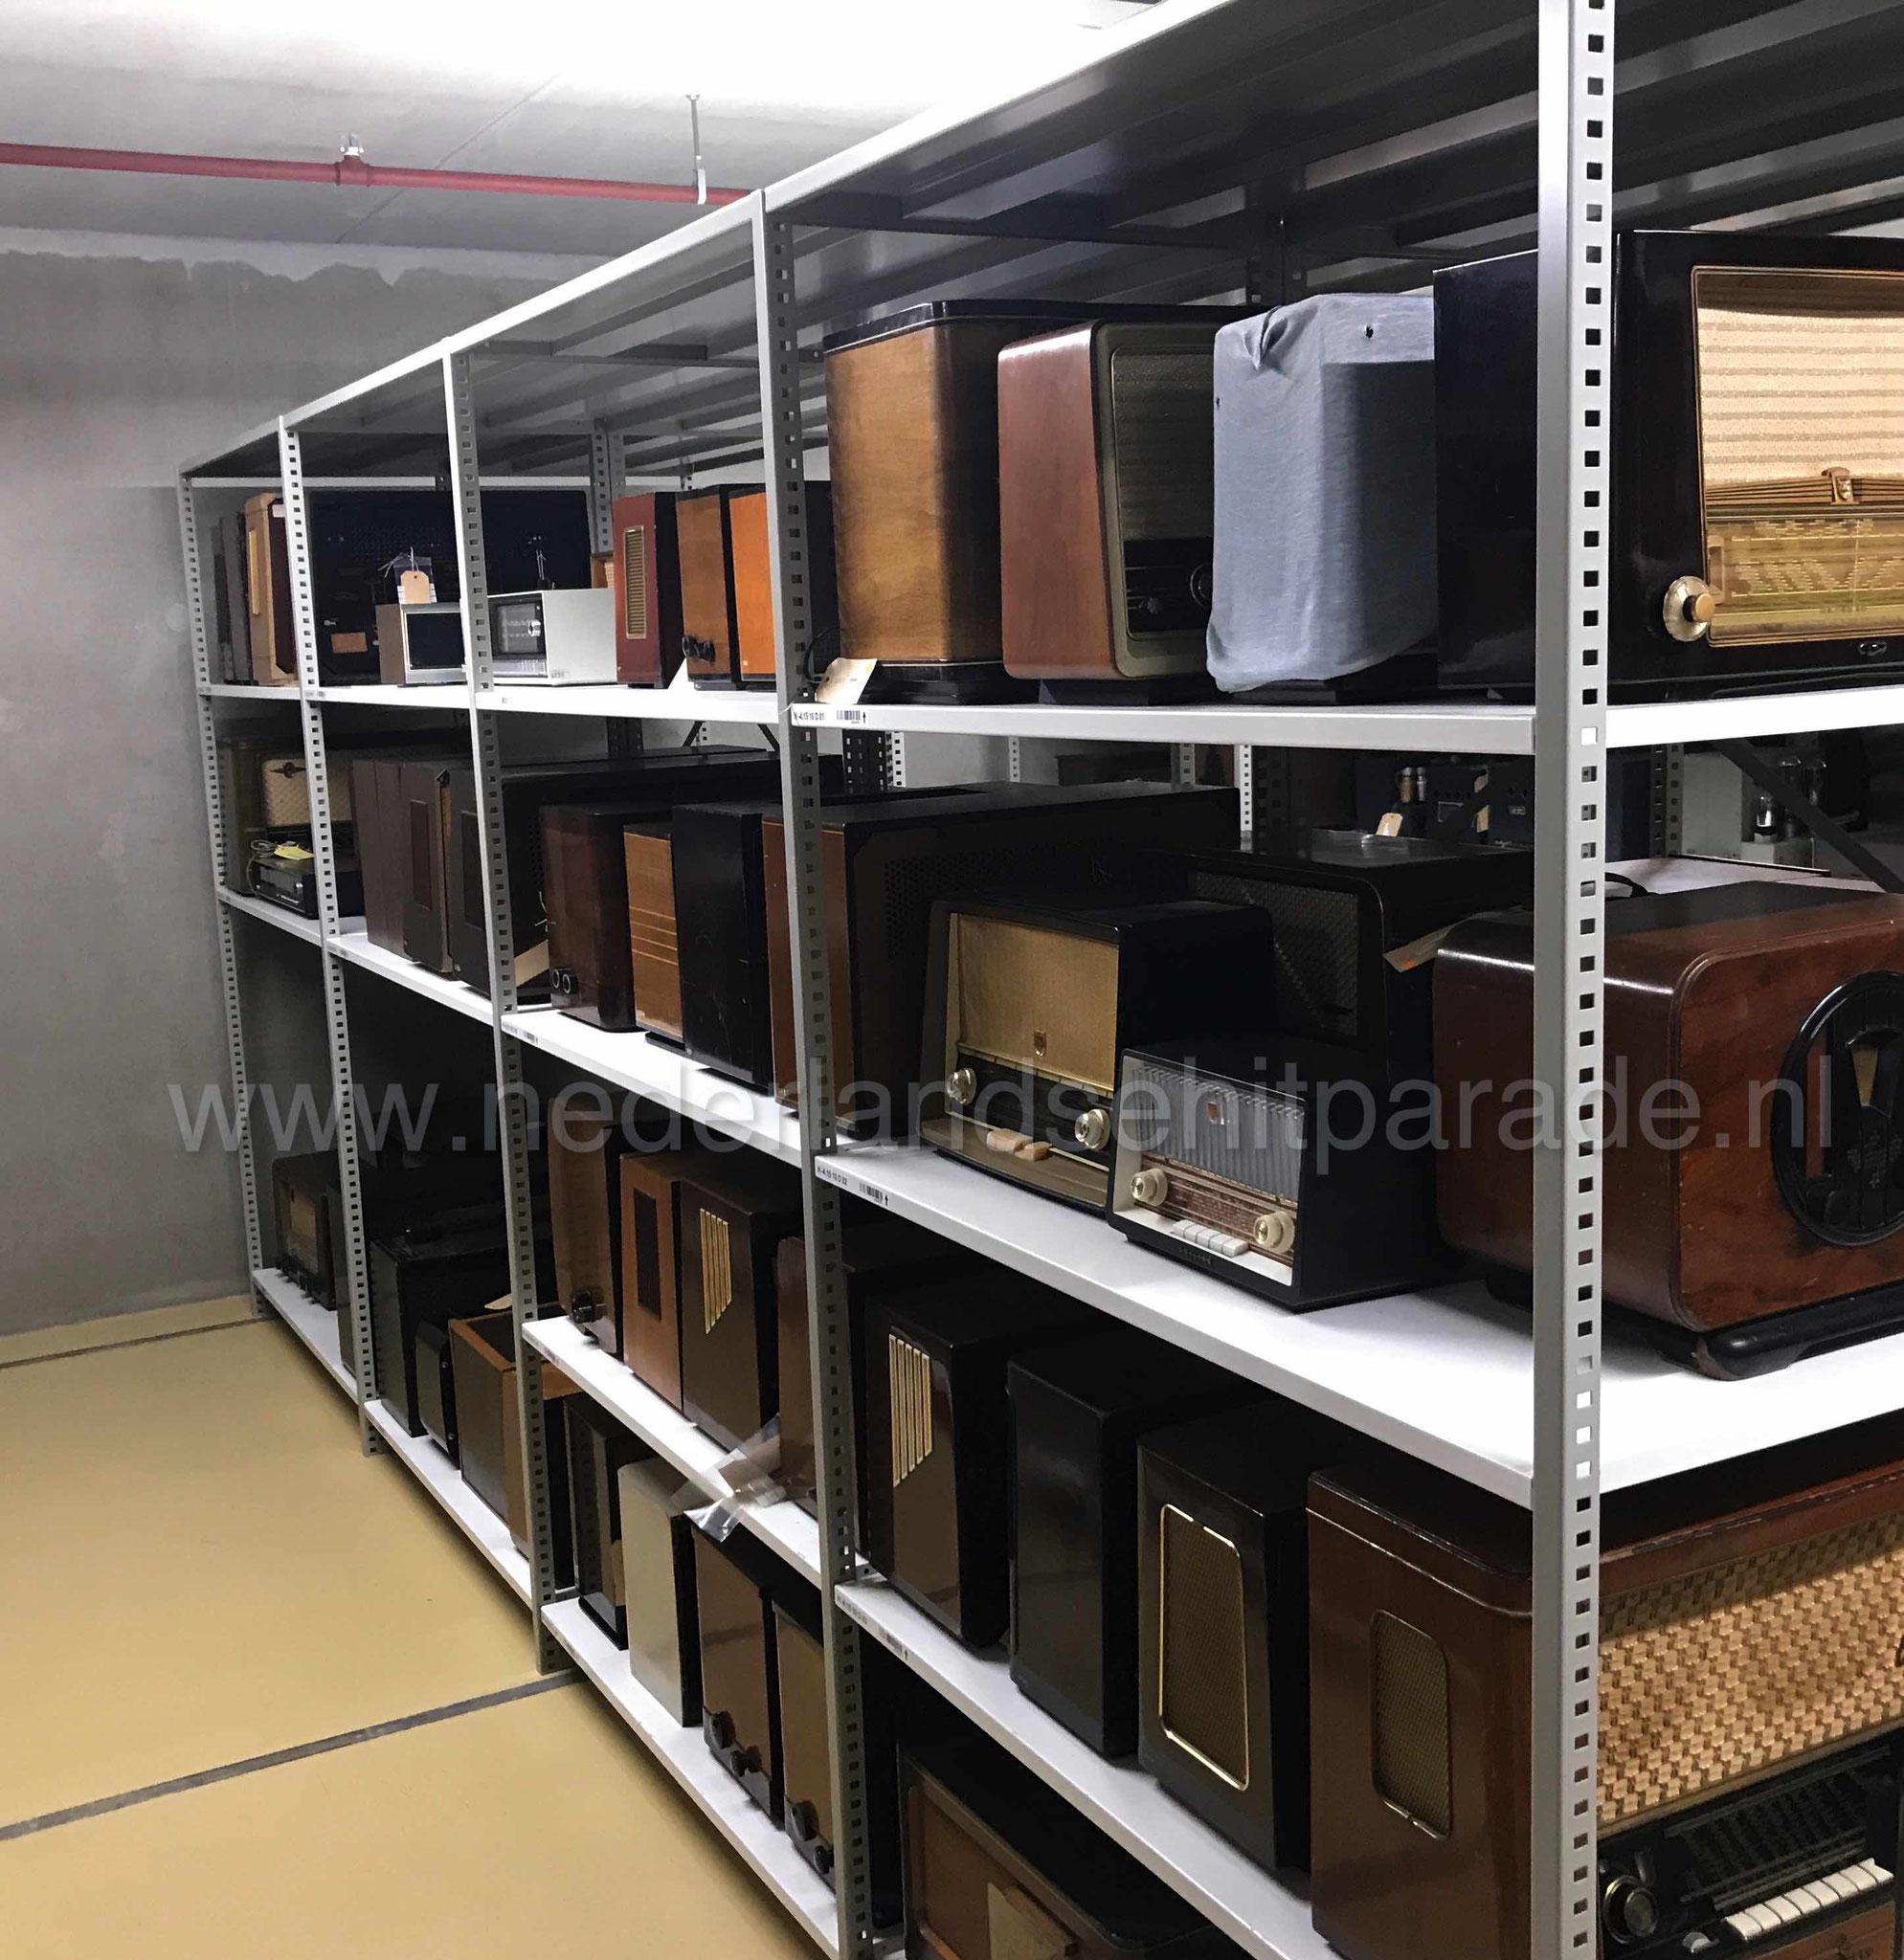 Beeld en geluid etage min 4 (radio's depot 01)